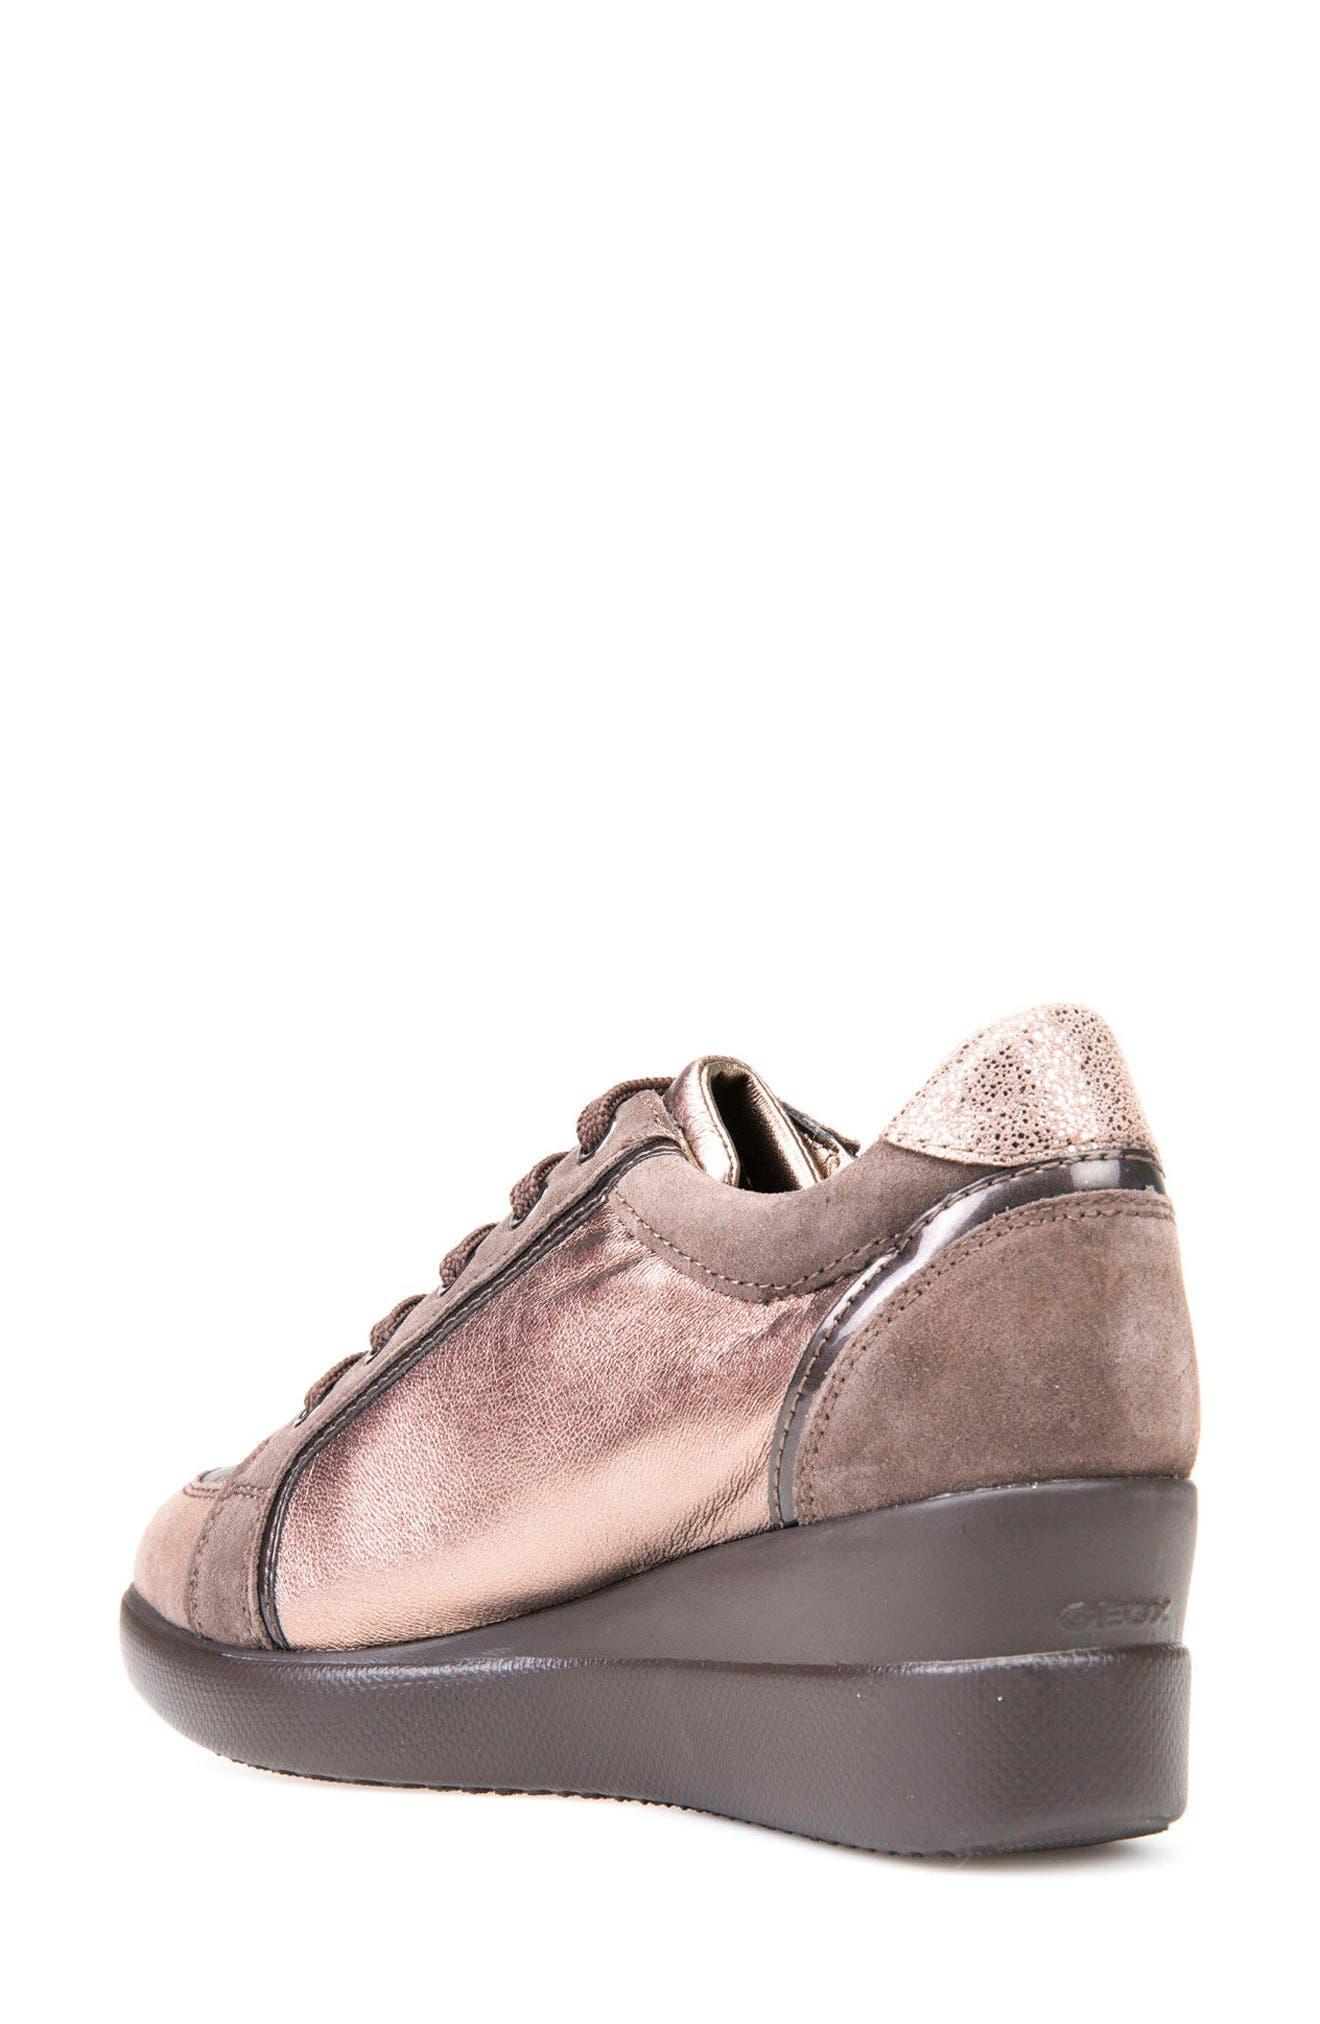 Alternate Image 2  - Geox Stardust Wedge Sneaker (Women)